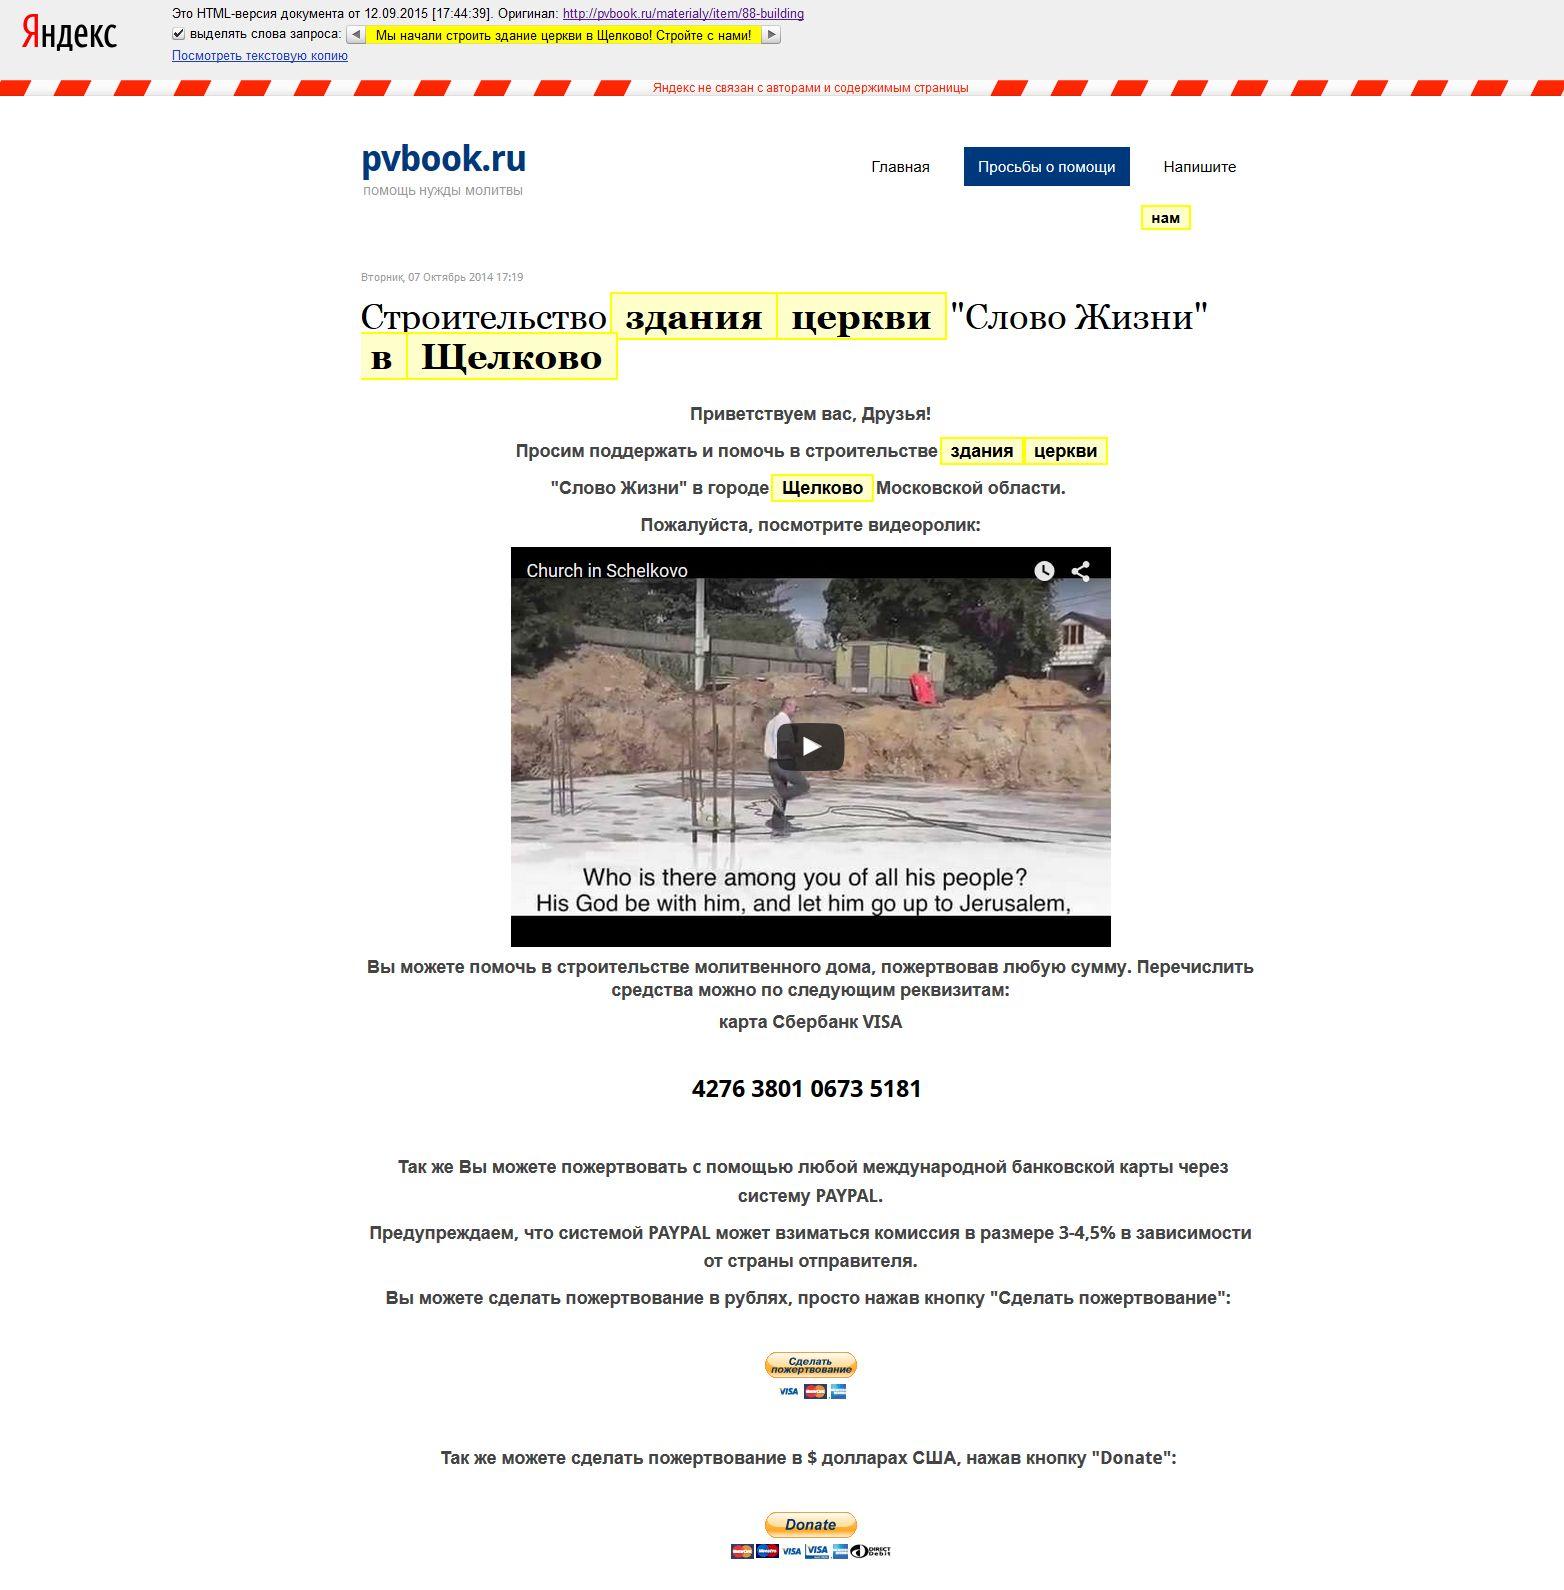 FireShot Screen Capture #1430 - 'Строительство здания церкви _Слово Жизни_ в Щелково' - hghltd_yandex_net_yandbtm.jpg